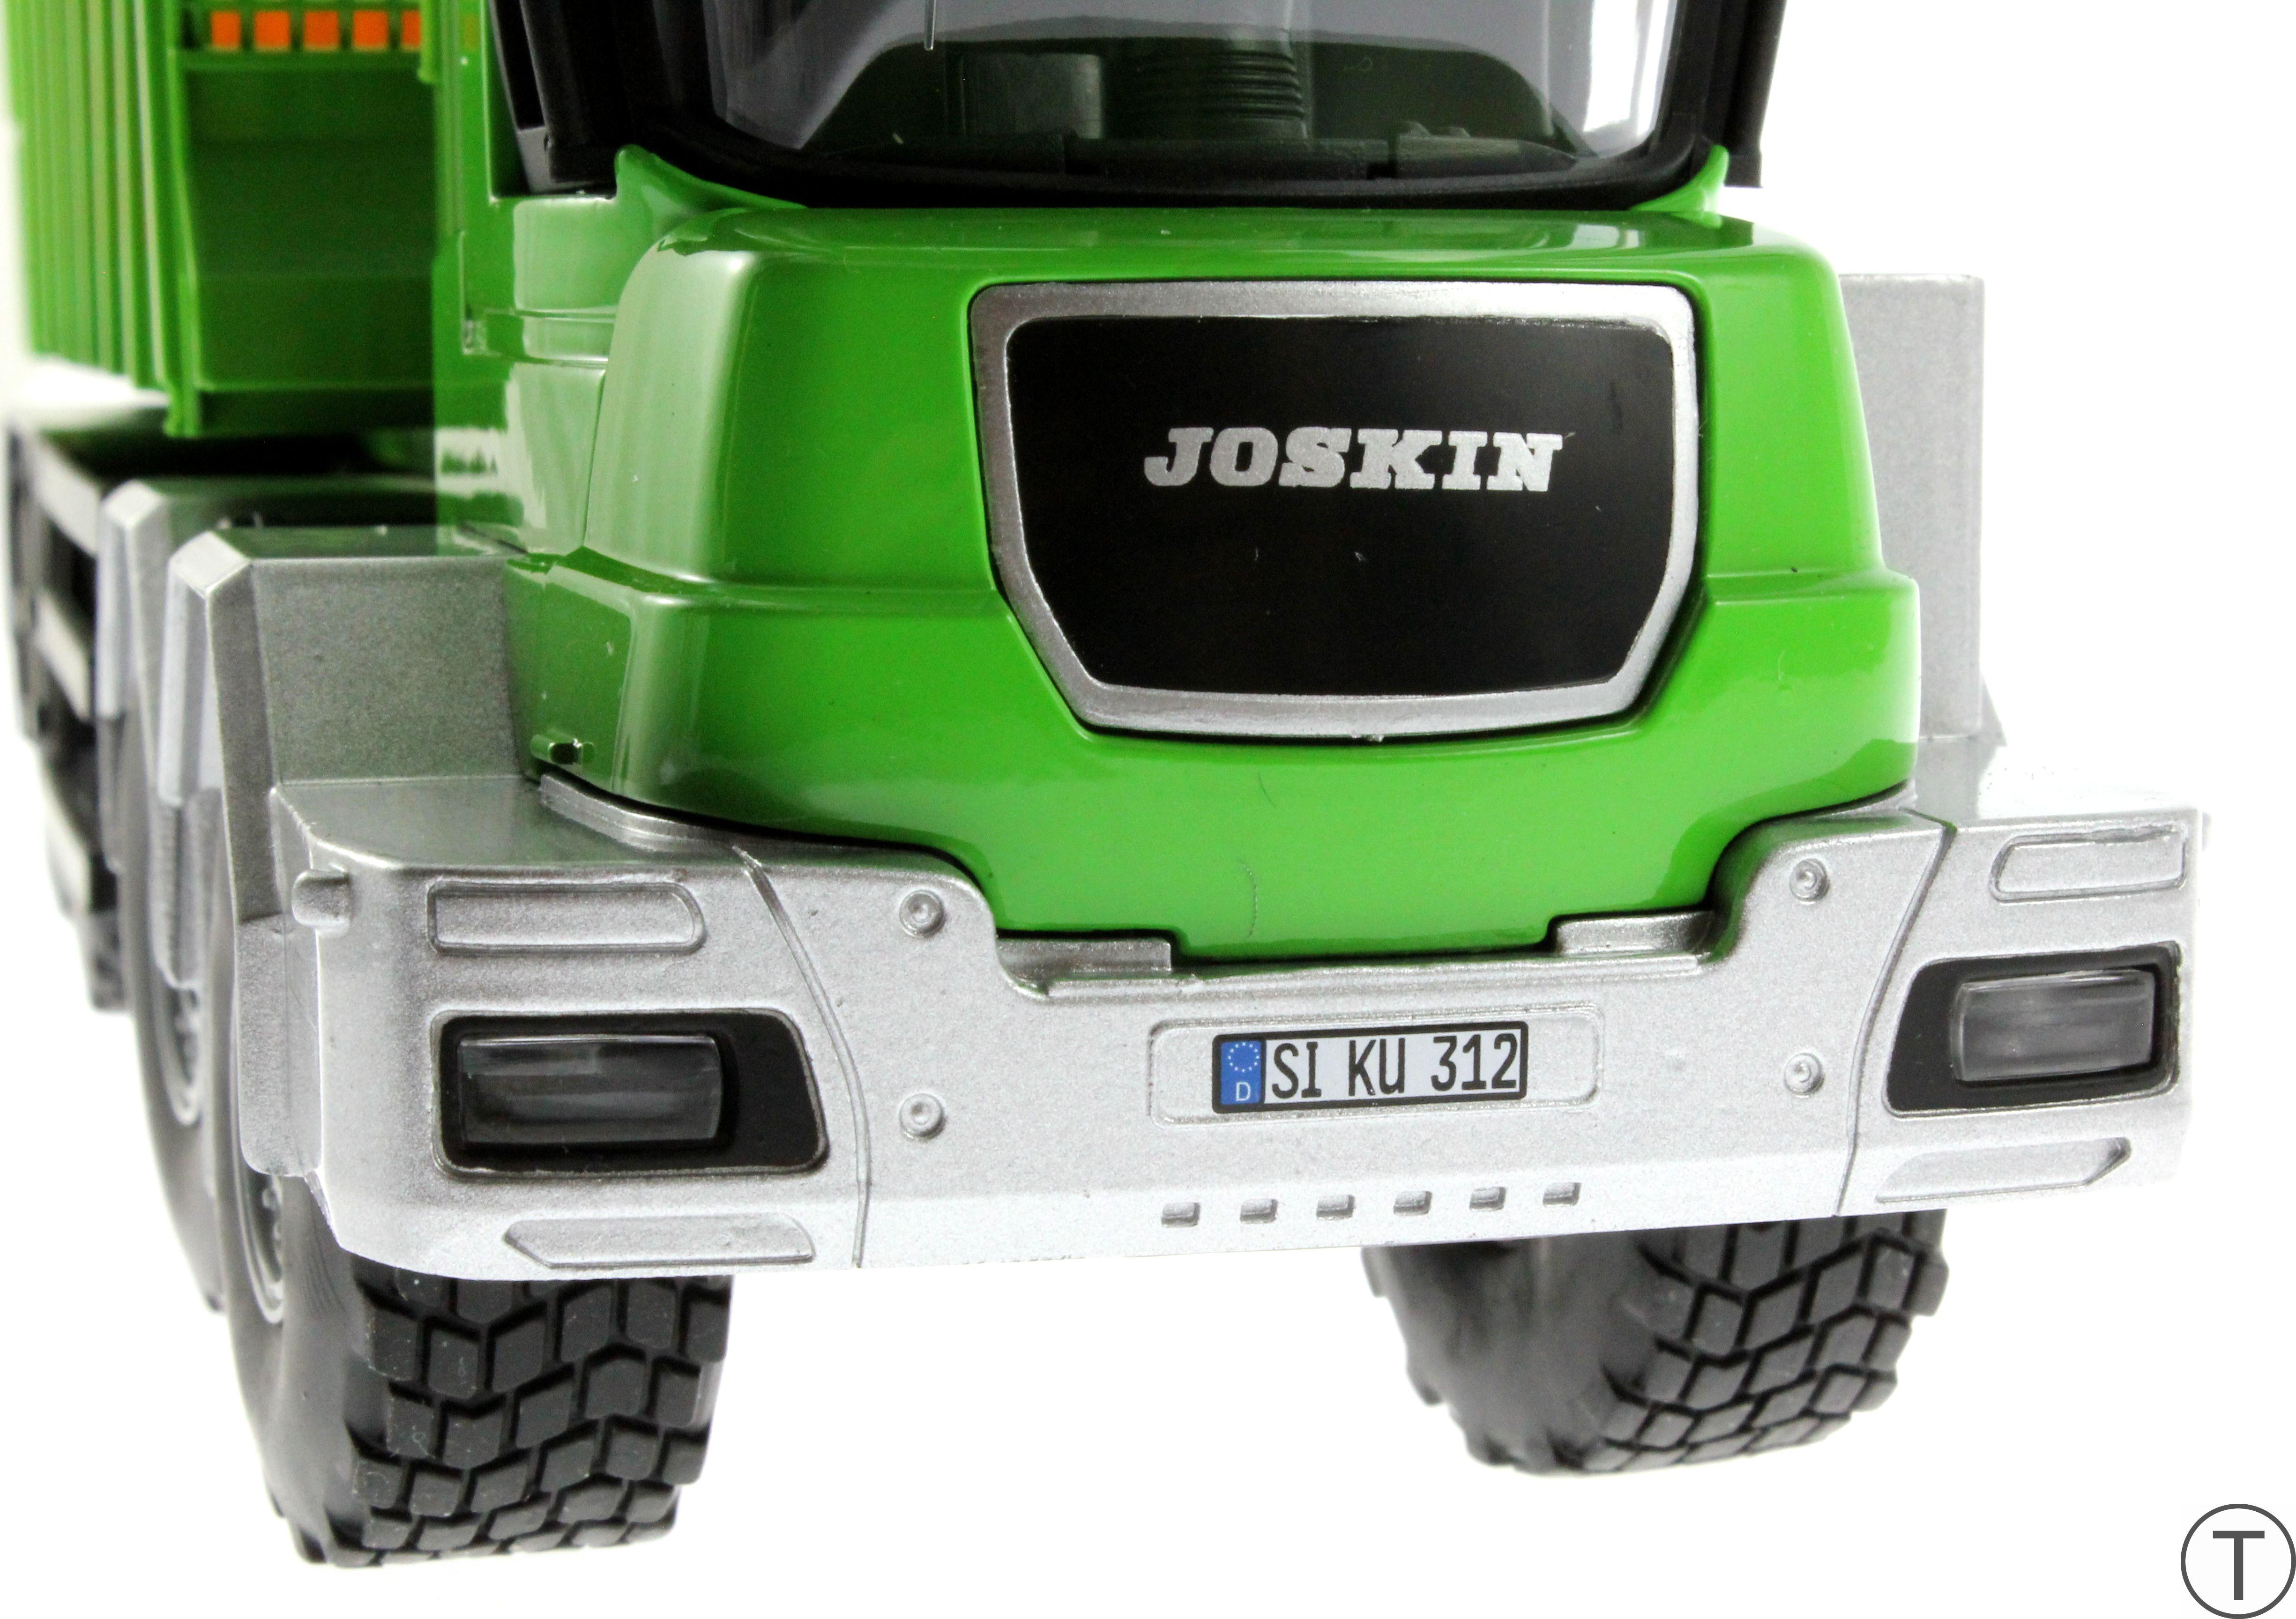 Siku 4064 - Joskin Silospace Cargo Track mit Ladewagen vorne unten